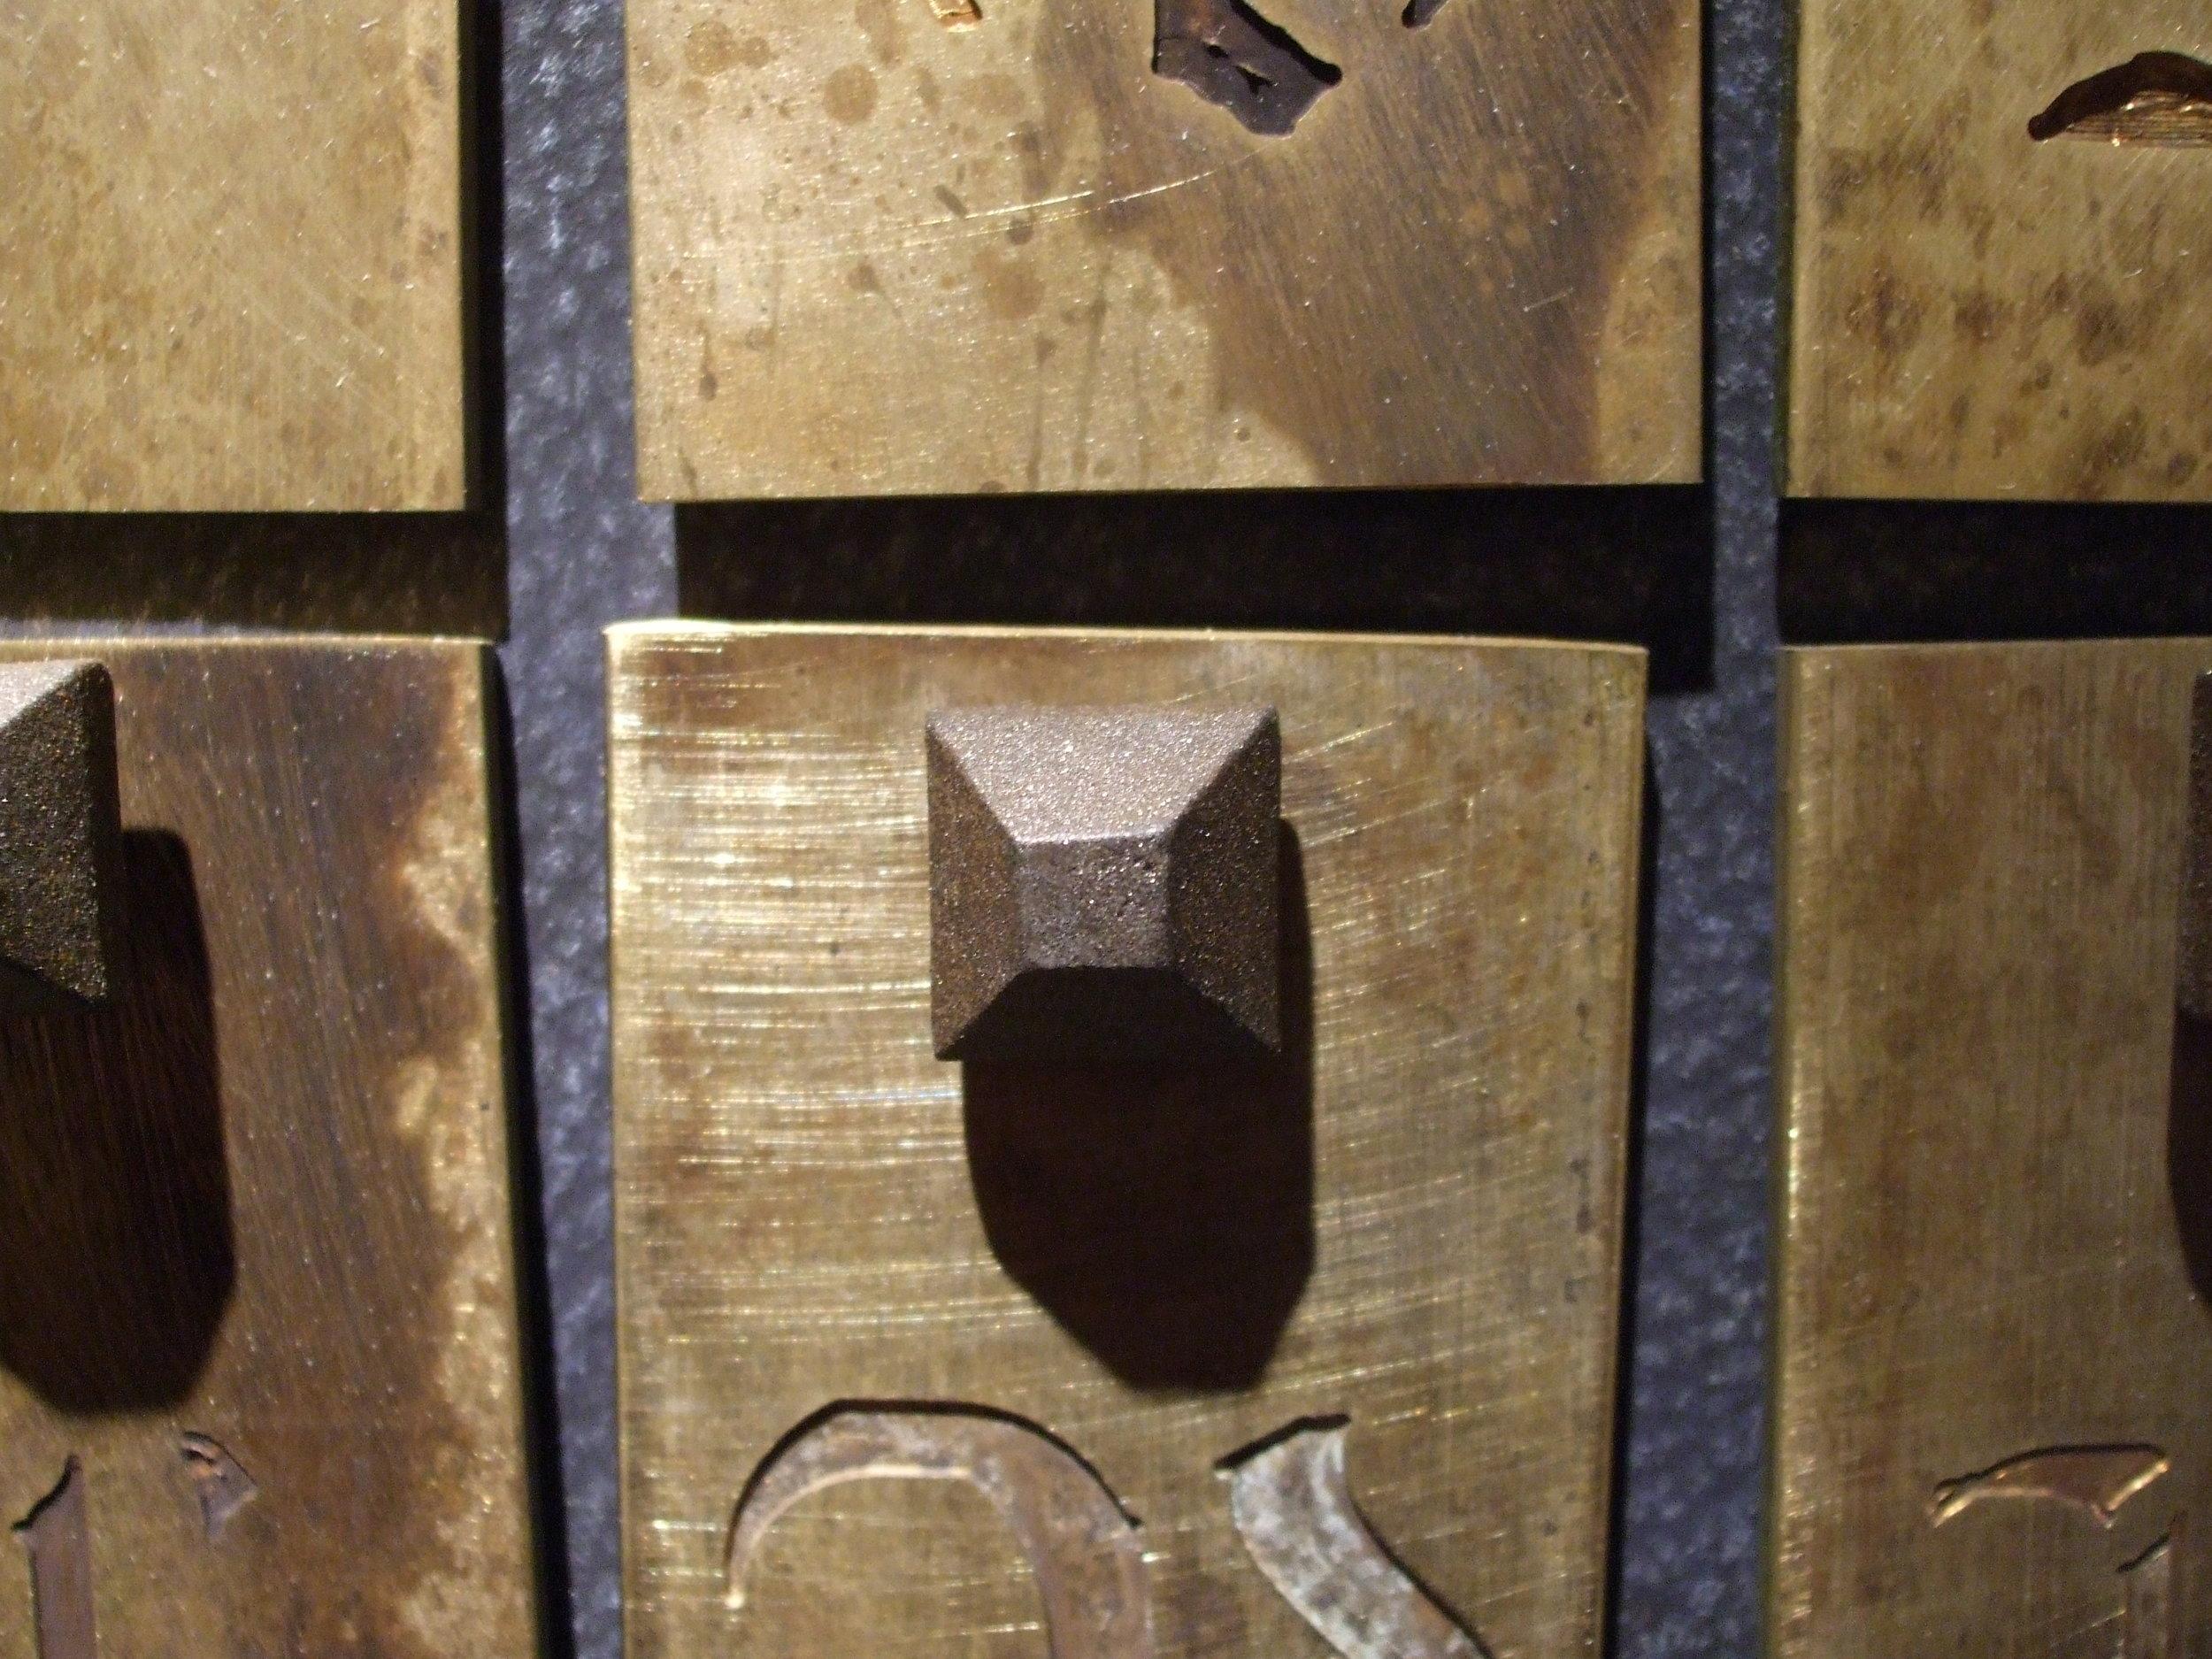 HVC-Lobby-Front Desk-DAC Art Piece-Art 100-Nailhead Close Up cop (deleted ab01c2e5963df722db9f0e7aadd3c9fd).JPG